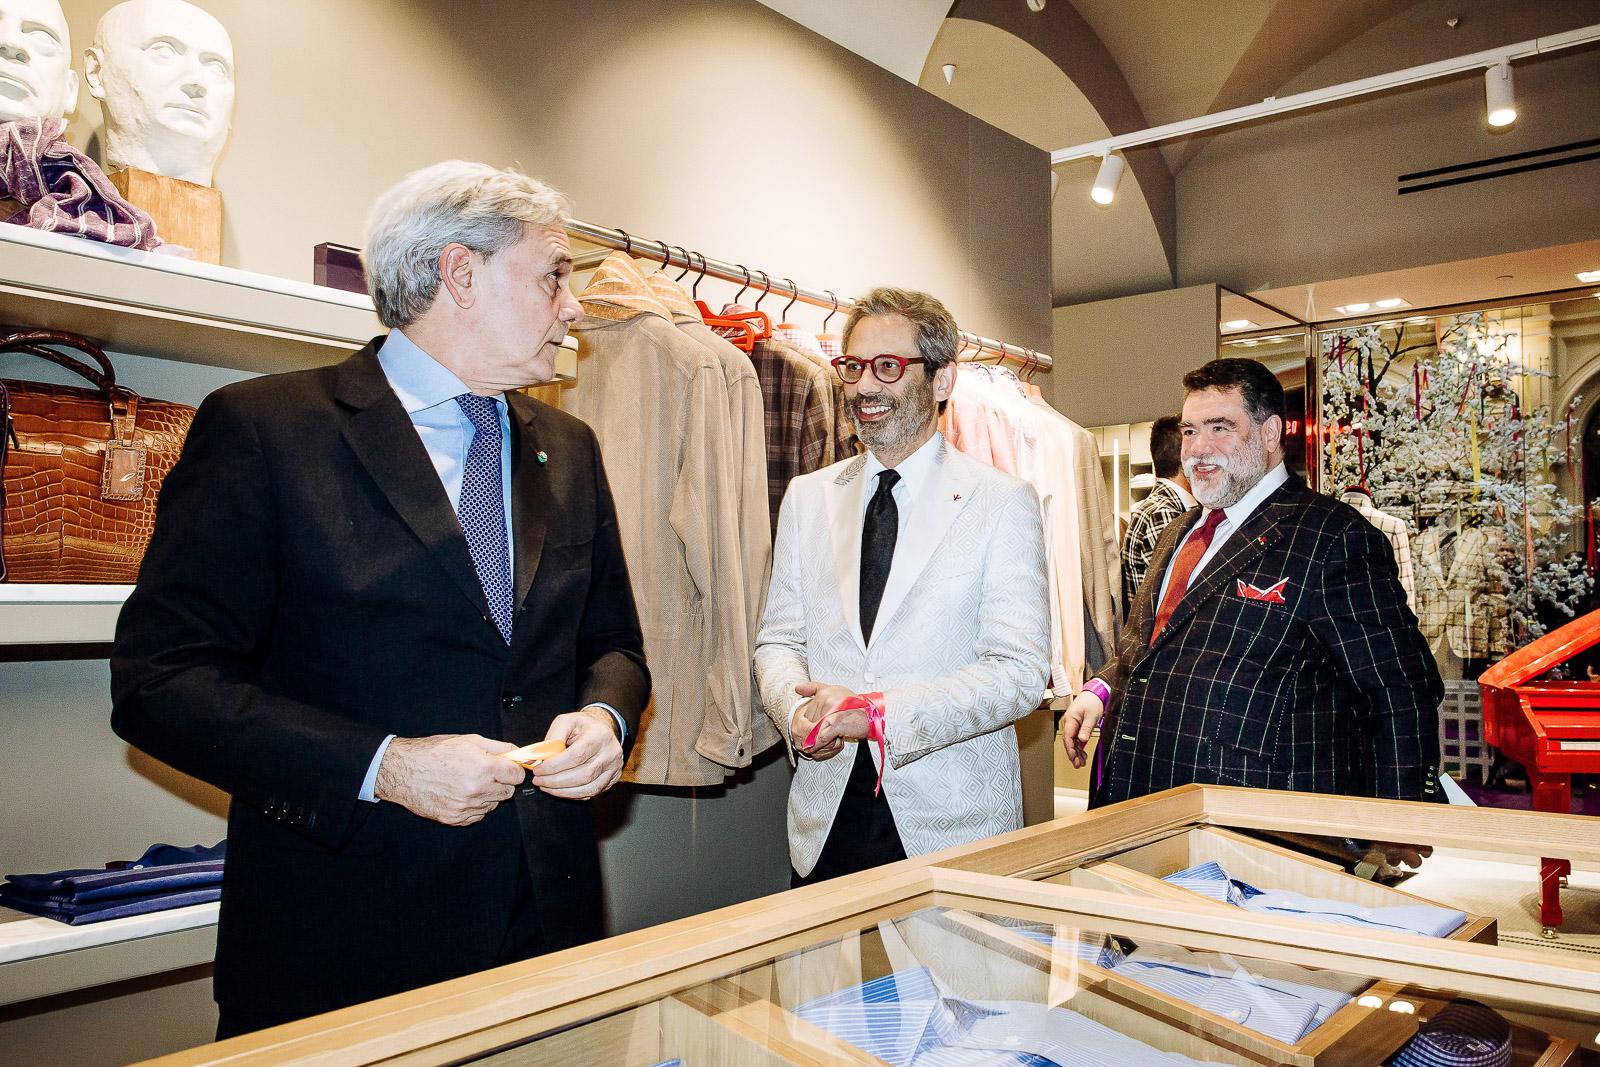 e01127d0302e5 Открытие флагманского бутика ISAIA в ГУМе приурочено к 60-летию  неаполитанской марки